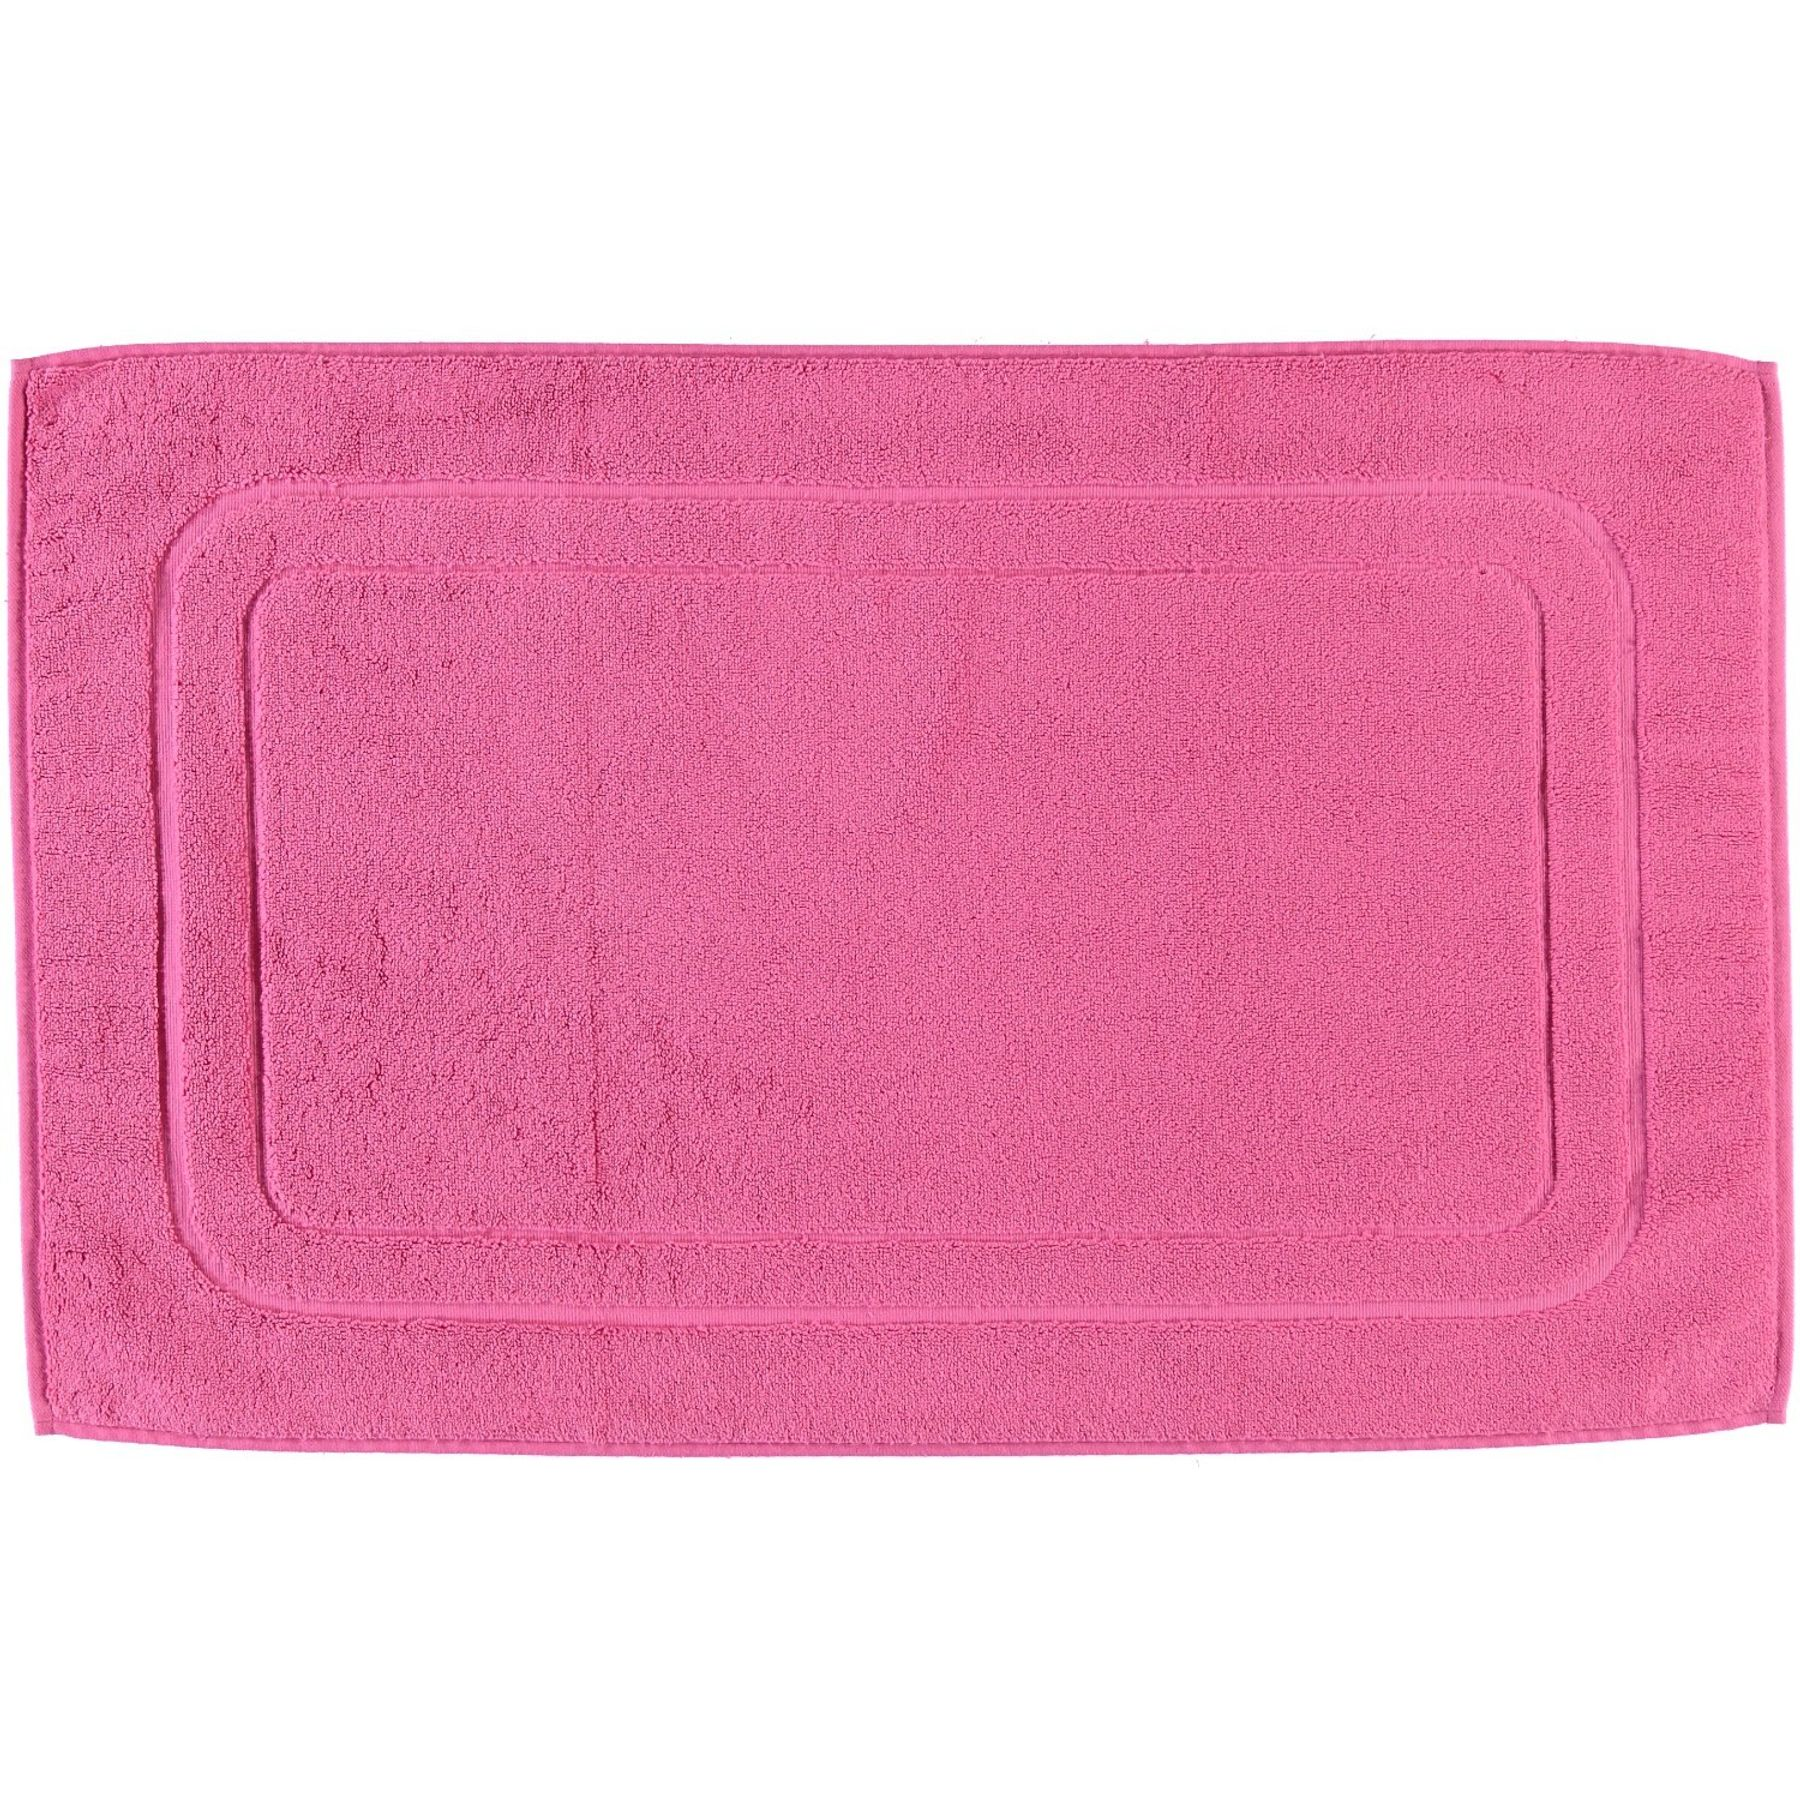 Cawö - Badteppich in verschiedenen Farben (Größe: 50x80 cm) im Doppelpack (201) – Bild 6